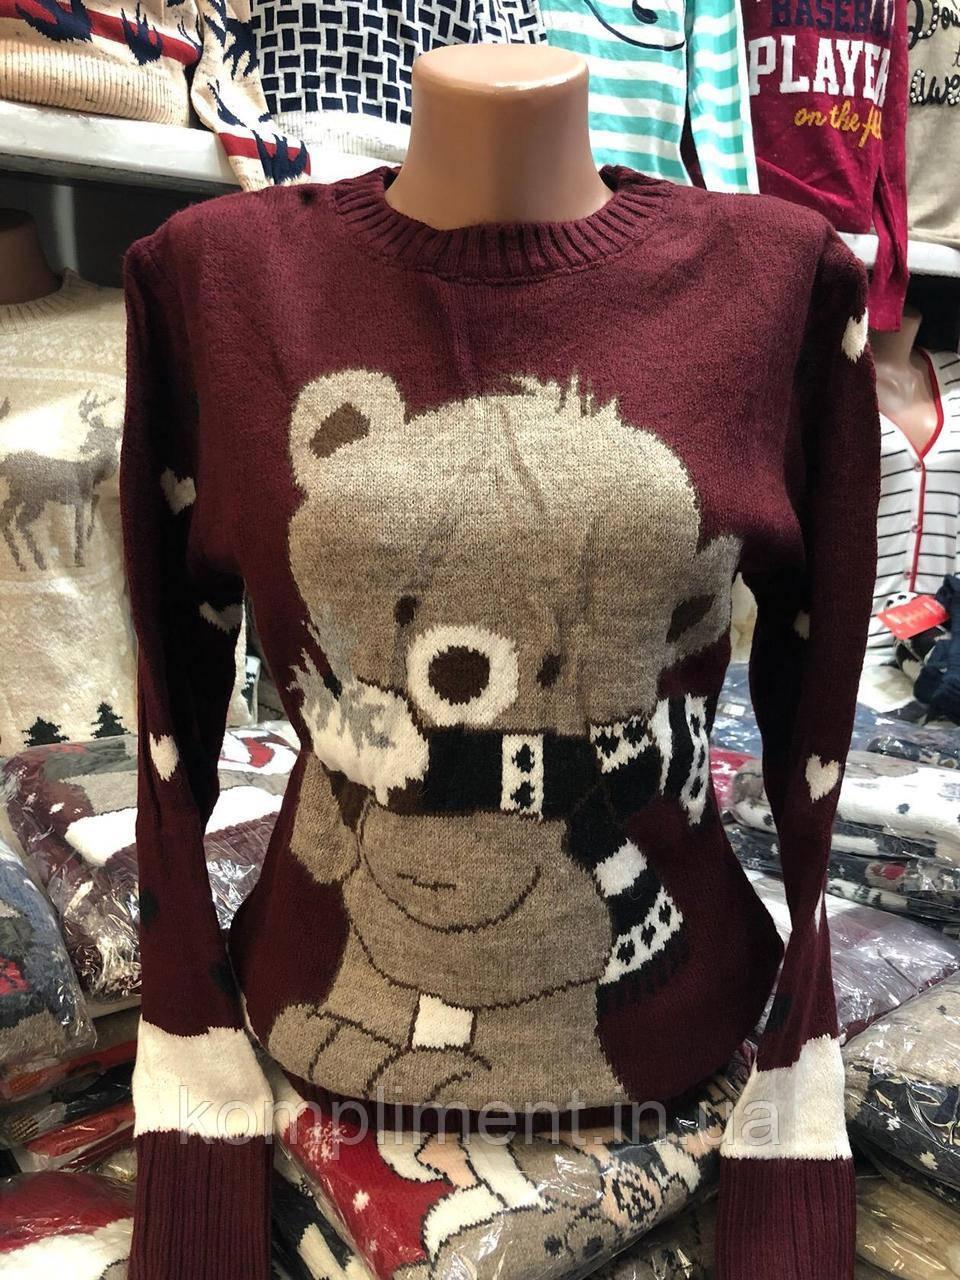 Вовняний жіночий светр з малюнком ведмежа,бордовий. Виробництво Туреччина.